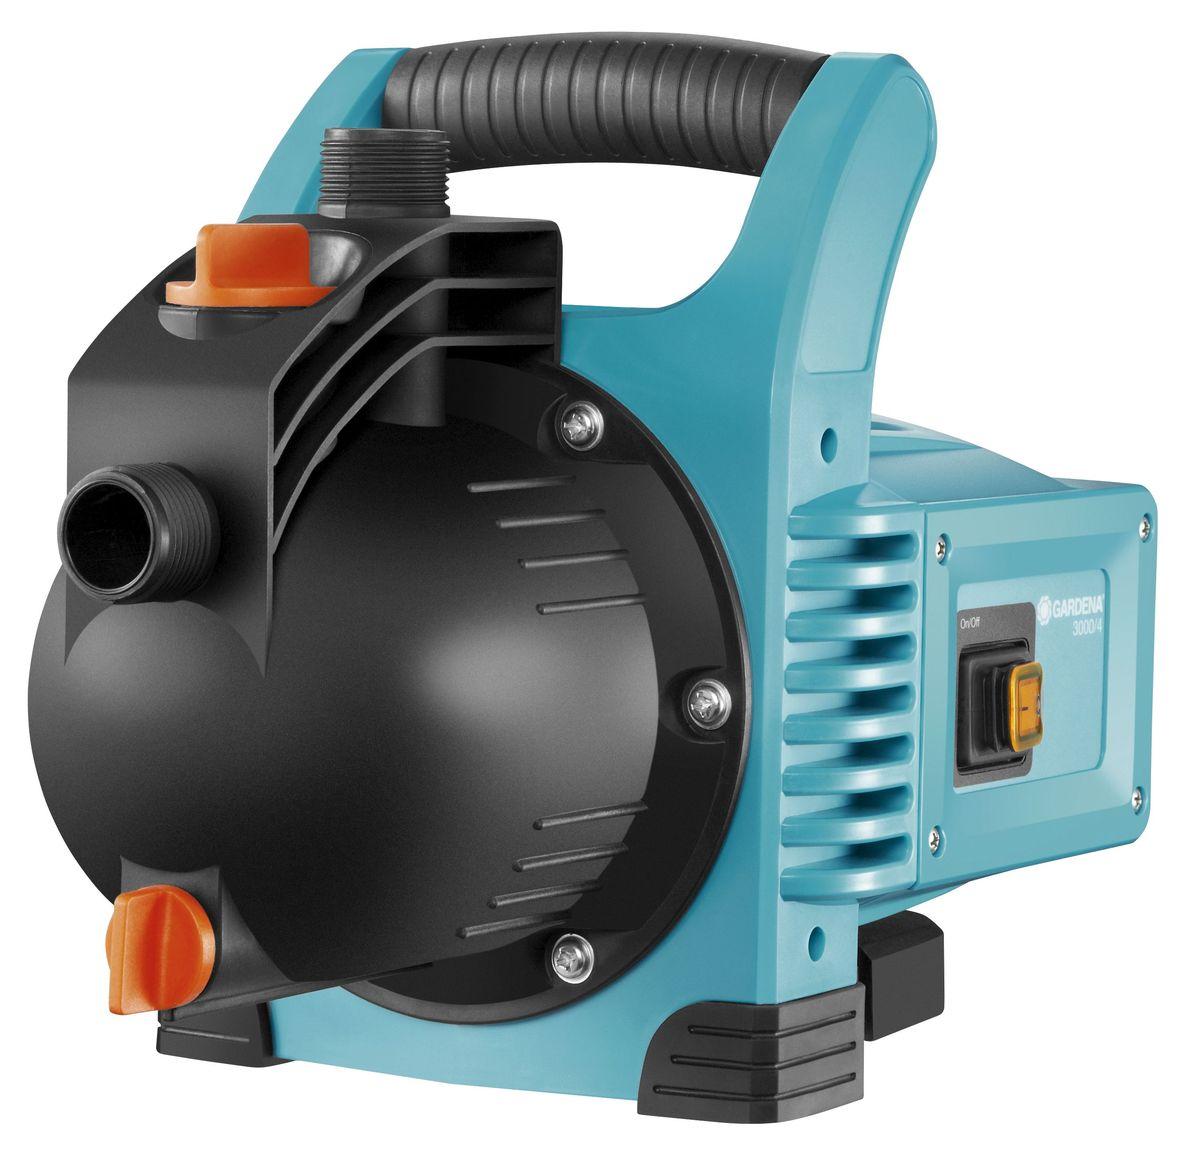 Насос садовый Gardena 3000/4 Classic01707-20.000.00Насос садовый 3000/4 GARDENA представляет собой компактную оптимальную базовую модель, предназначенную для выполнения различных функций. Высокая мощность всасывания и способность выдерживать высокое давление делает насос идеальным инструментом для полива, повышения давления, передачи или откачки водопроводной воды, дождевой воды или хлорированной воды бассейна. Легкий и надежный насос удобен в использовании. Широкое заливочное горло упрощает наполнение насоса перед первым использованием, а эргономичная ручка обеспечивает удобство транспортировки. Резиновые опоры обеспечивают устойчивость насоса, а также минимальный уровень шума и вибраций при эксплуатации. В целях защиты насоса от повреждений в морозную погоду насос снабжен сливным отверстием с дренажной пробкой. Для увеличения срока службы продукции компания GARDENA использует материалы только высокого качества. Наличие керамических элементов и двойного уплотнения между двигателем и рабочим колесом обеспечивает безопасность эксплуатации и защиту насоса от повреждений. Термовыключатель защищает двигатель от перегрузок. Примечание: Насосы GARDENA не предназначены для перекачивания соленой воды, агрессивных и легко воспламеняющихся жидкостей, а также пищевых продуктов.Максимальная производительность по нагнетанию: 3100 л/ч.Максимальное давление: 3,6 Бар. Максимальная высота самовсасывания: 7 м. Тип силового кабеля: H07 RNF.